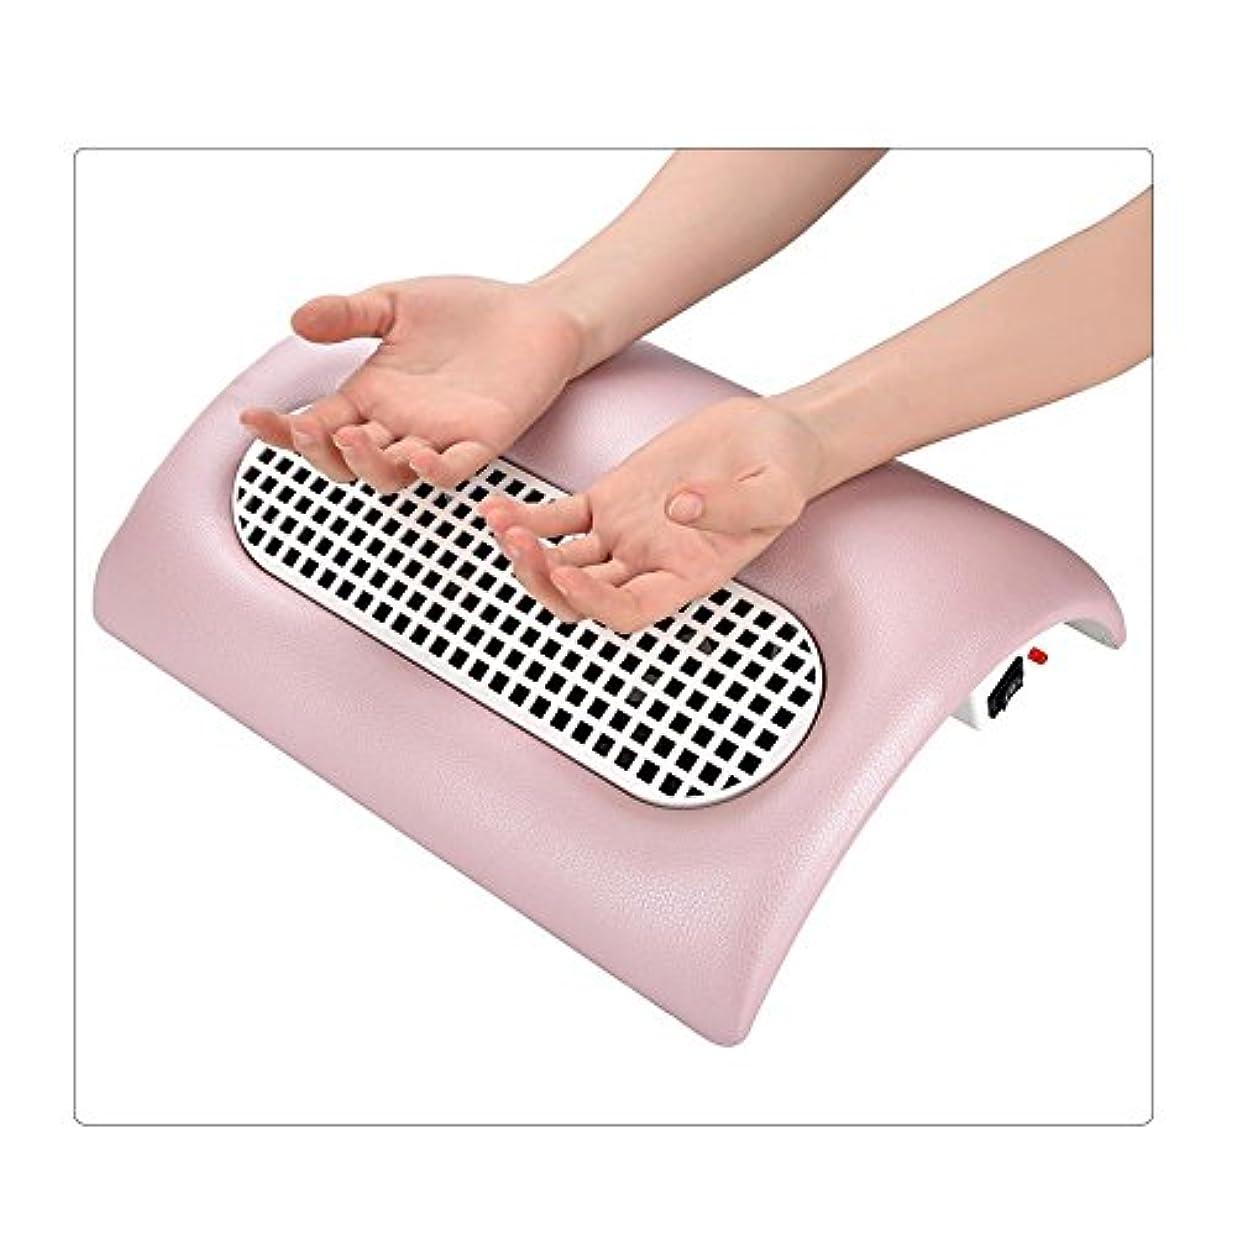 運動人間急降下ネイル(釘)集塵機 ネイルダスト 集塵機  ダストクリーナー  ジェルネイル ネイル機器 (ピンク)